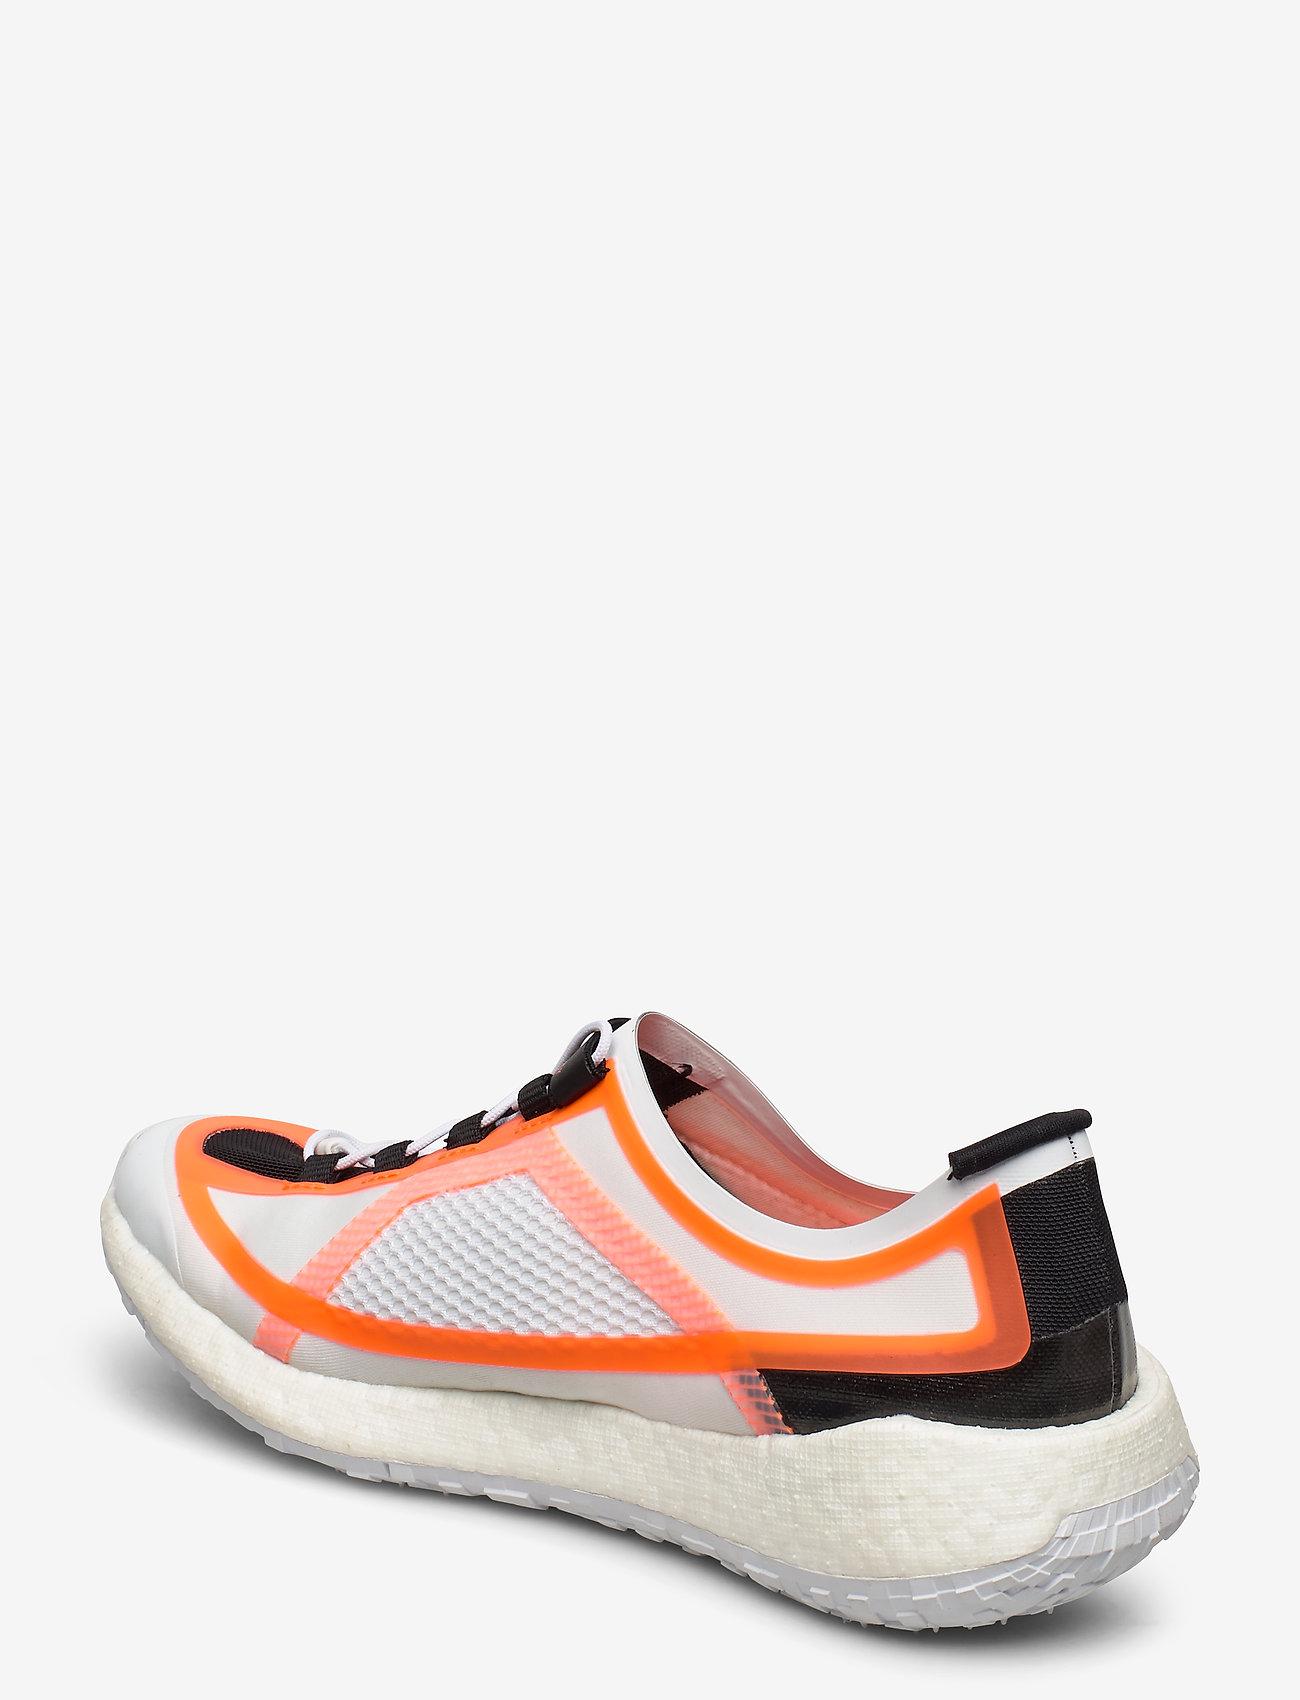 Pulseboost Hd S. (Ftwwht/sorang/ftwwht) - adidas by Stella McCartney